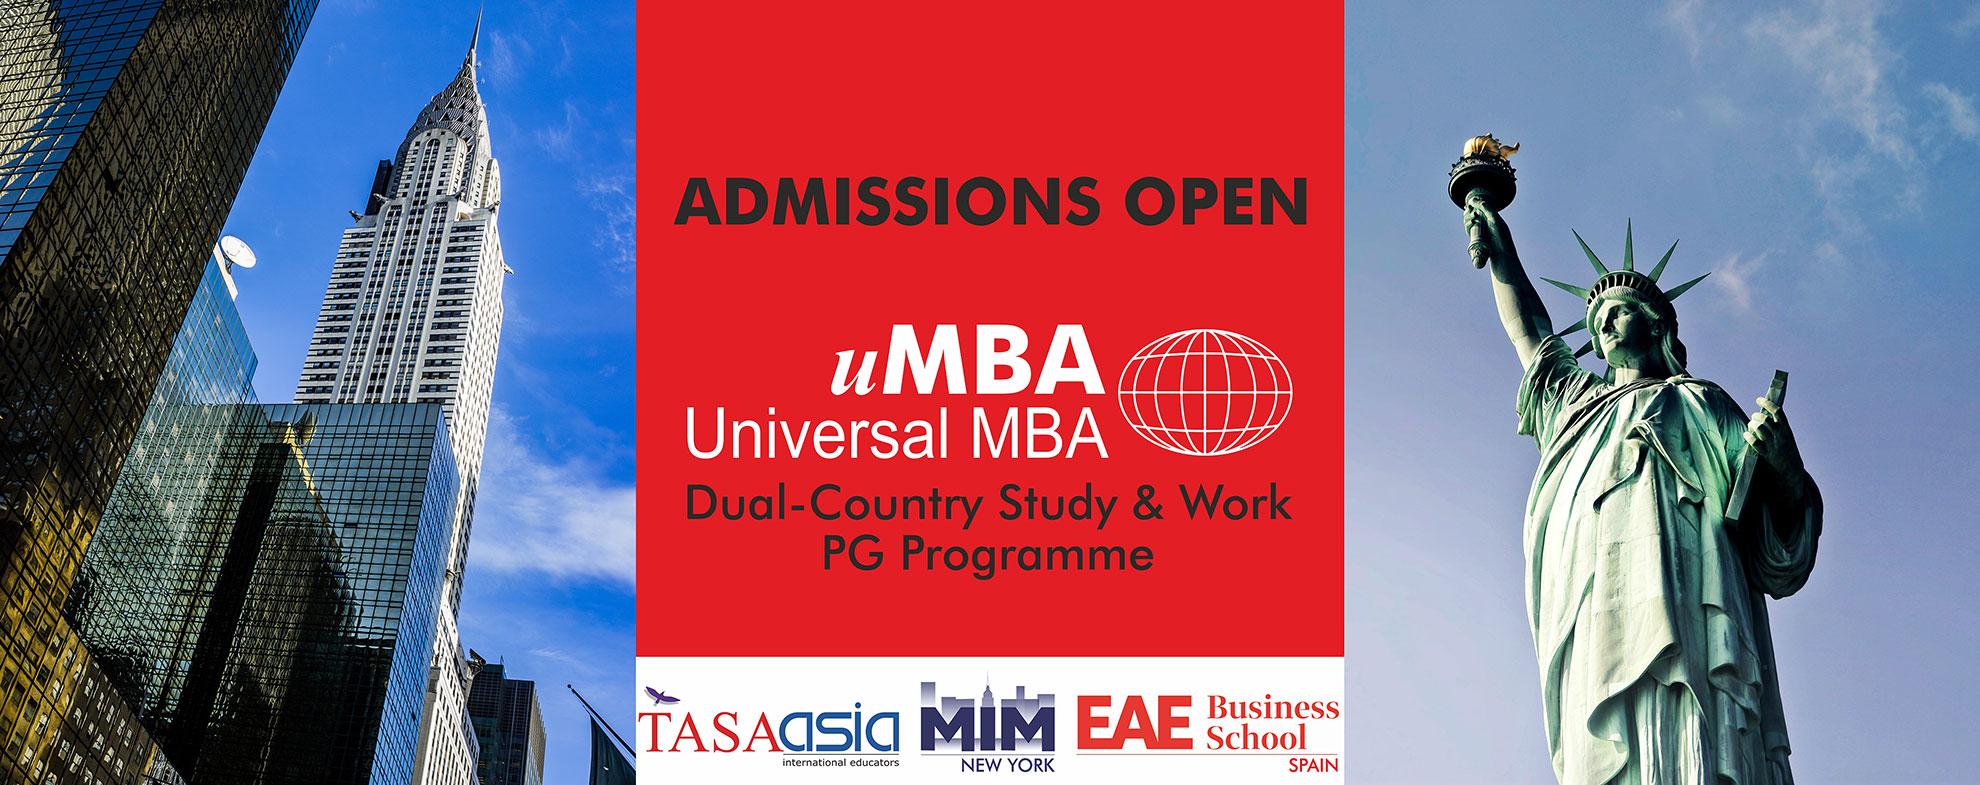 uMBA(Universal-MBA)